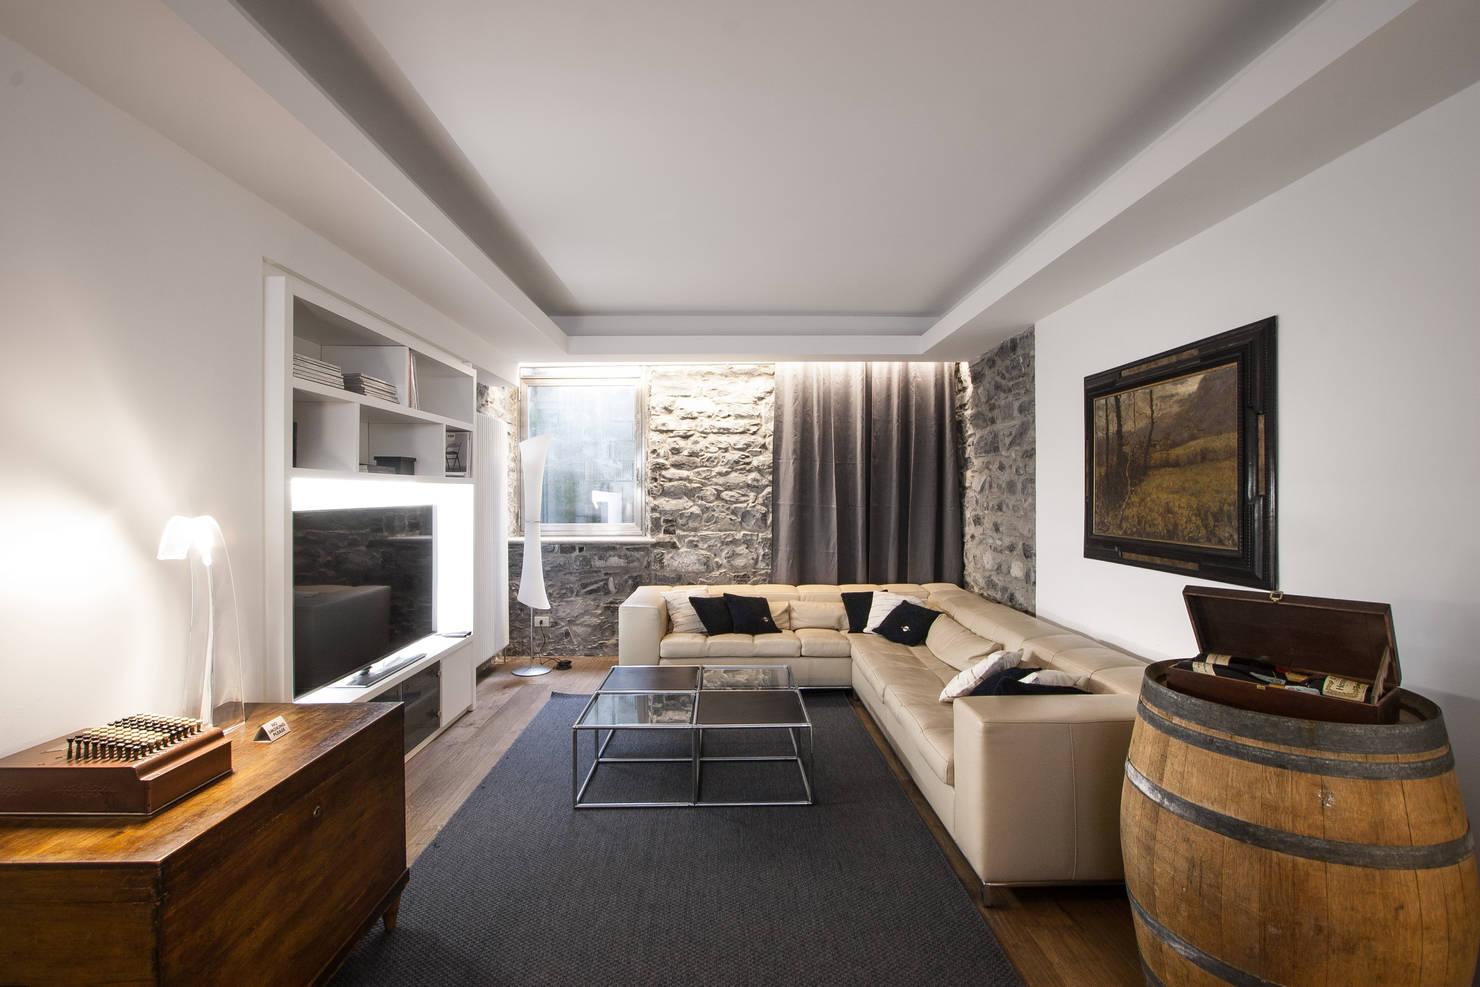 10 salones modernos y elegantes que te inspirarán para redecorar el tuyo